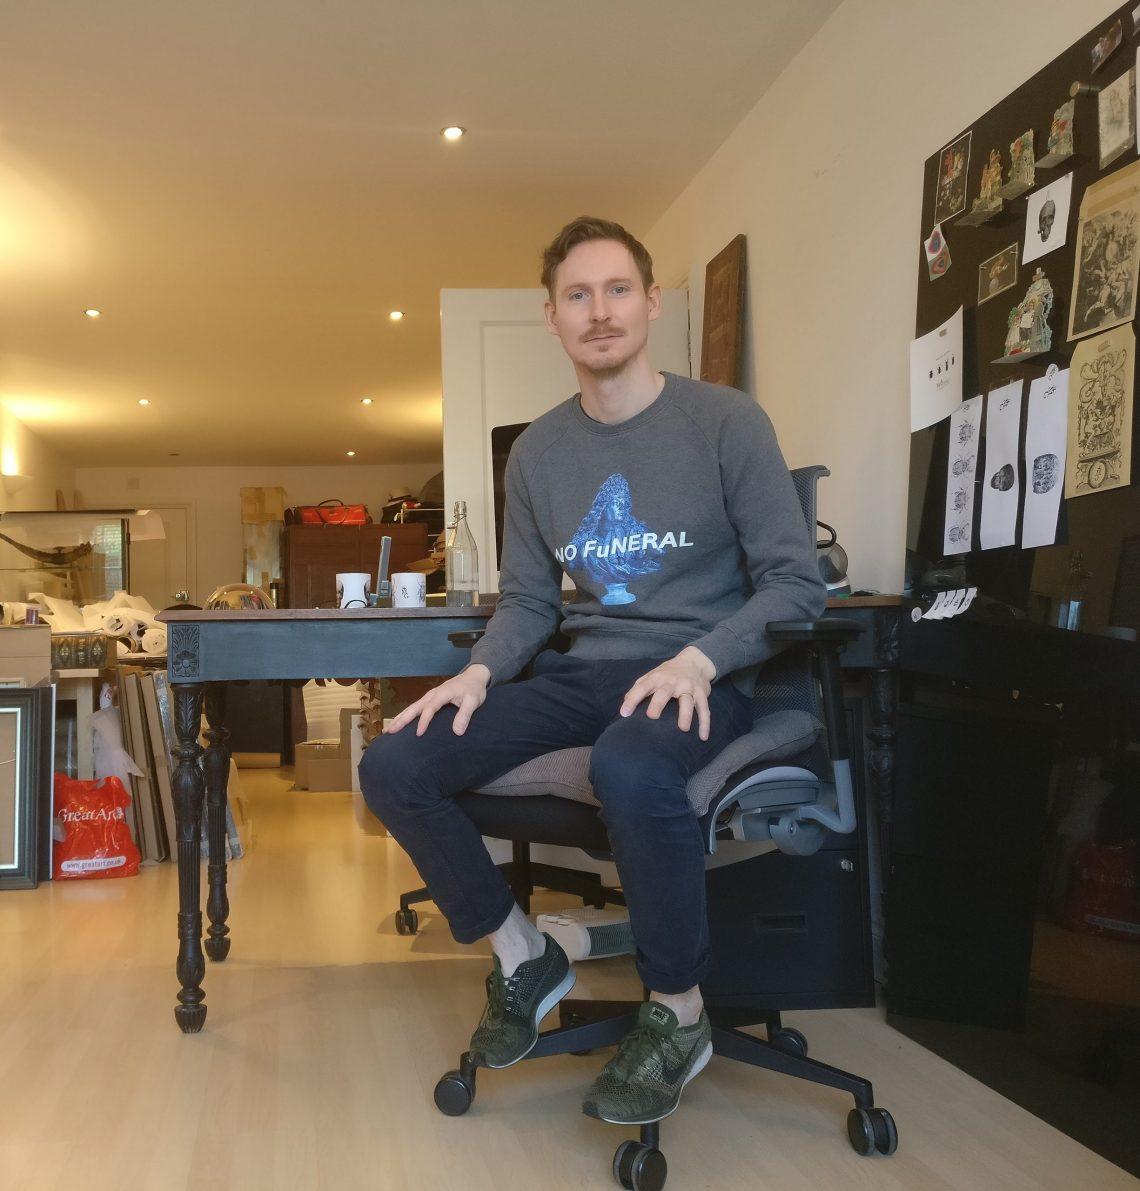 Magnus Gjoen at his studio in London